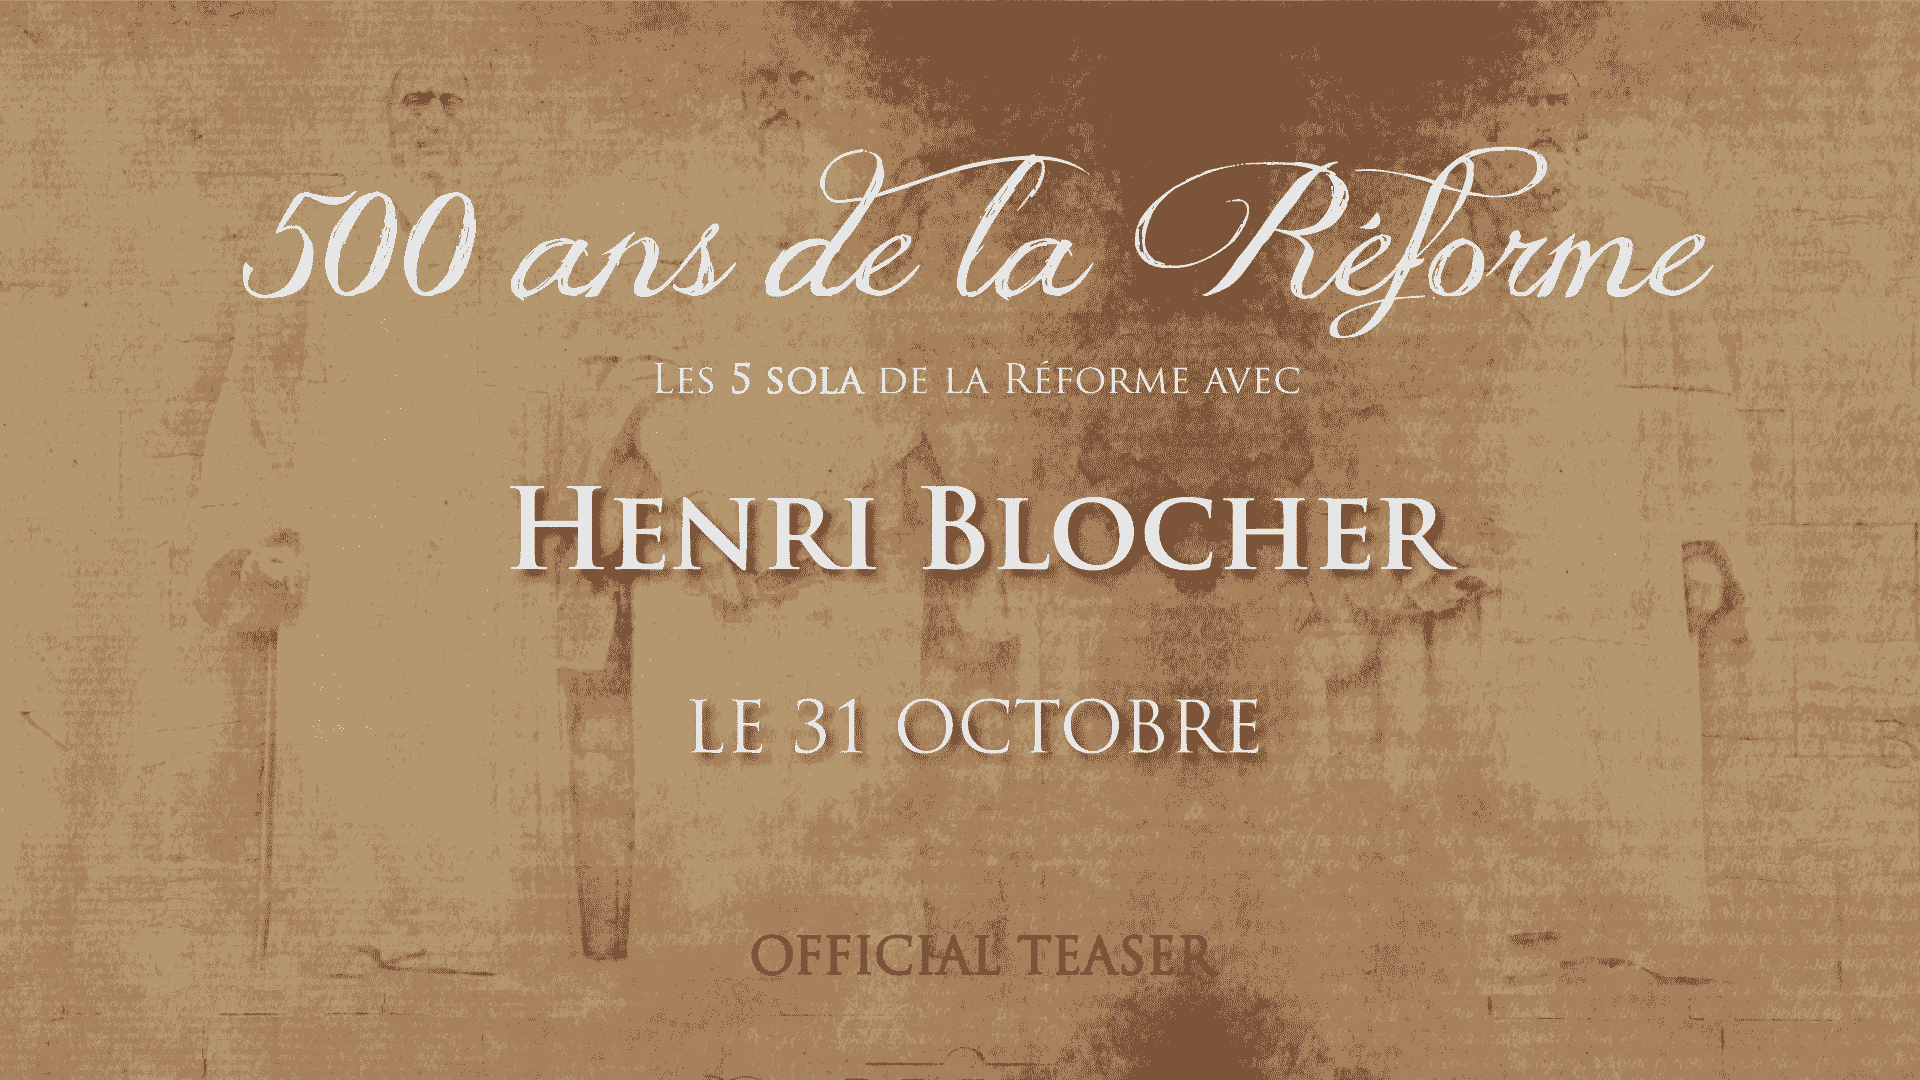 Les 5 Sola de la Réforme – Henri Blocher